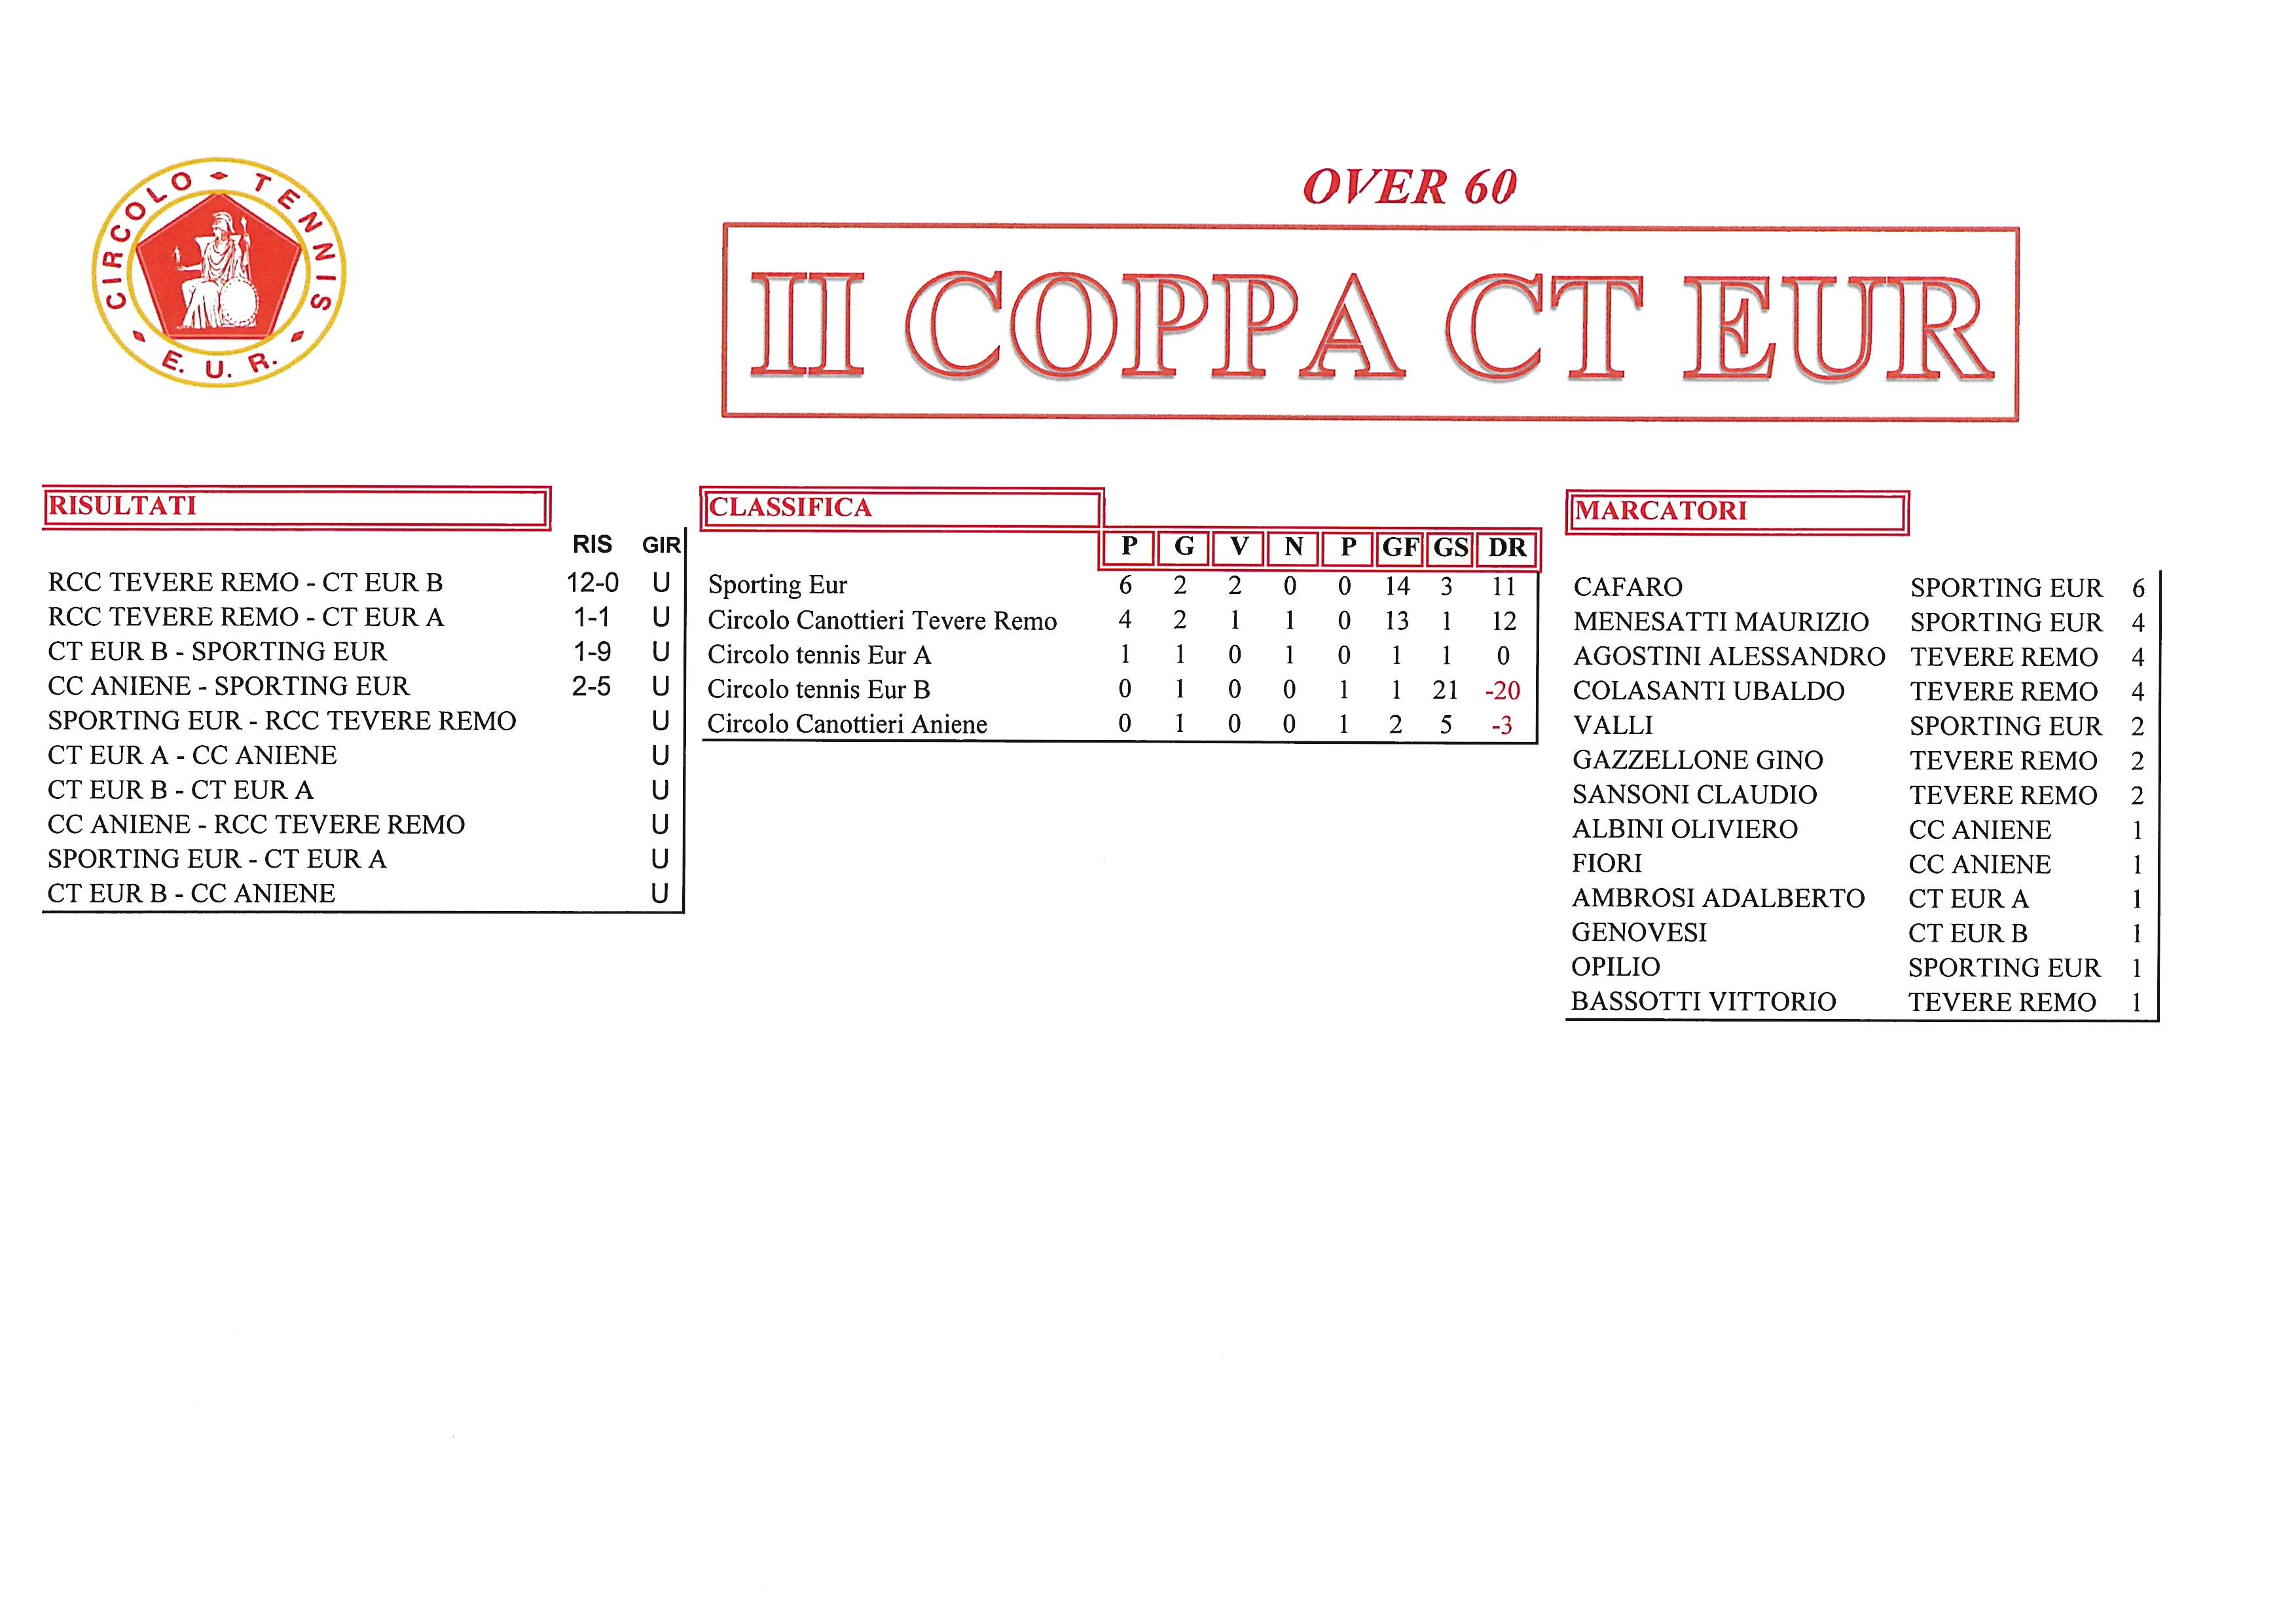 Coppa-CT-Eur-risultati-del-26-settembre-2017-Over-60